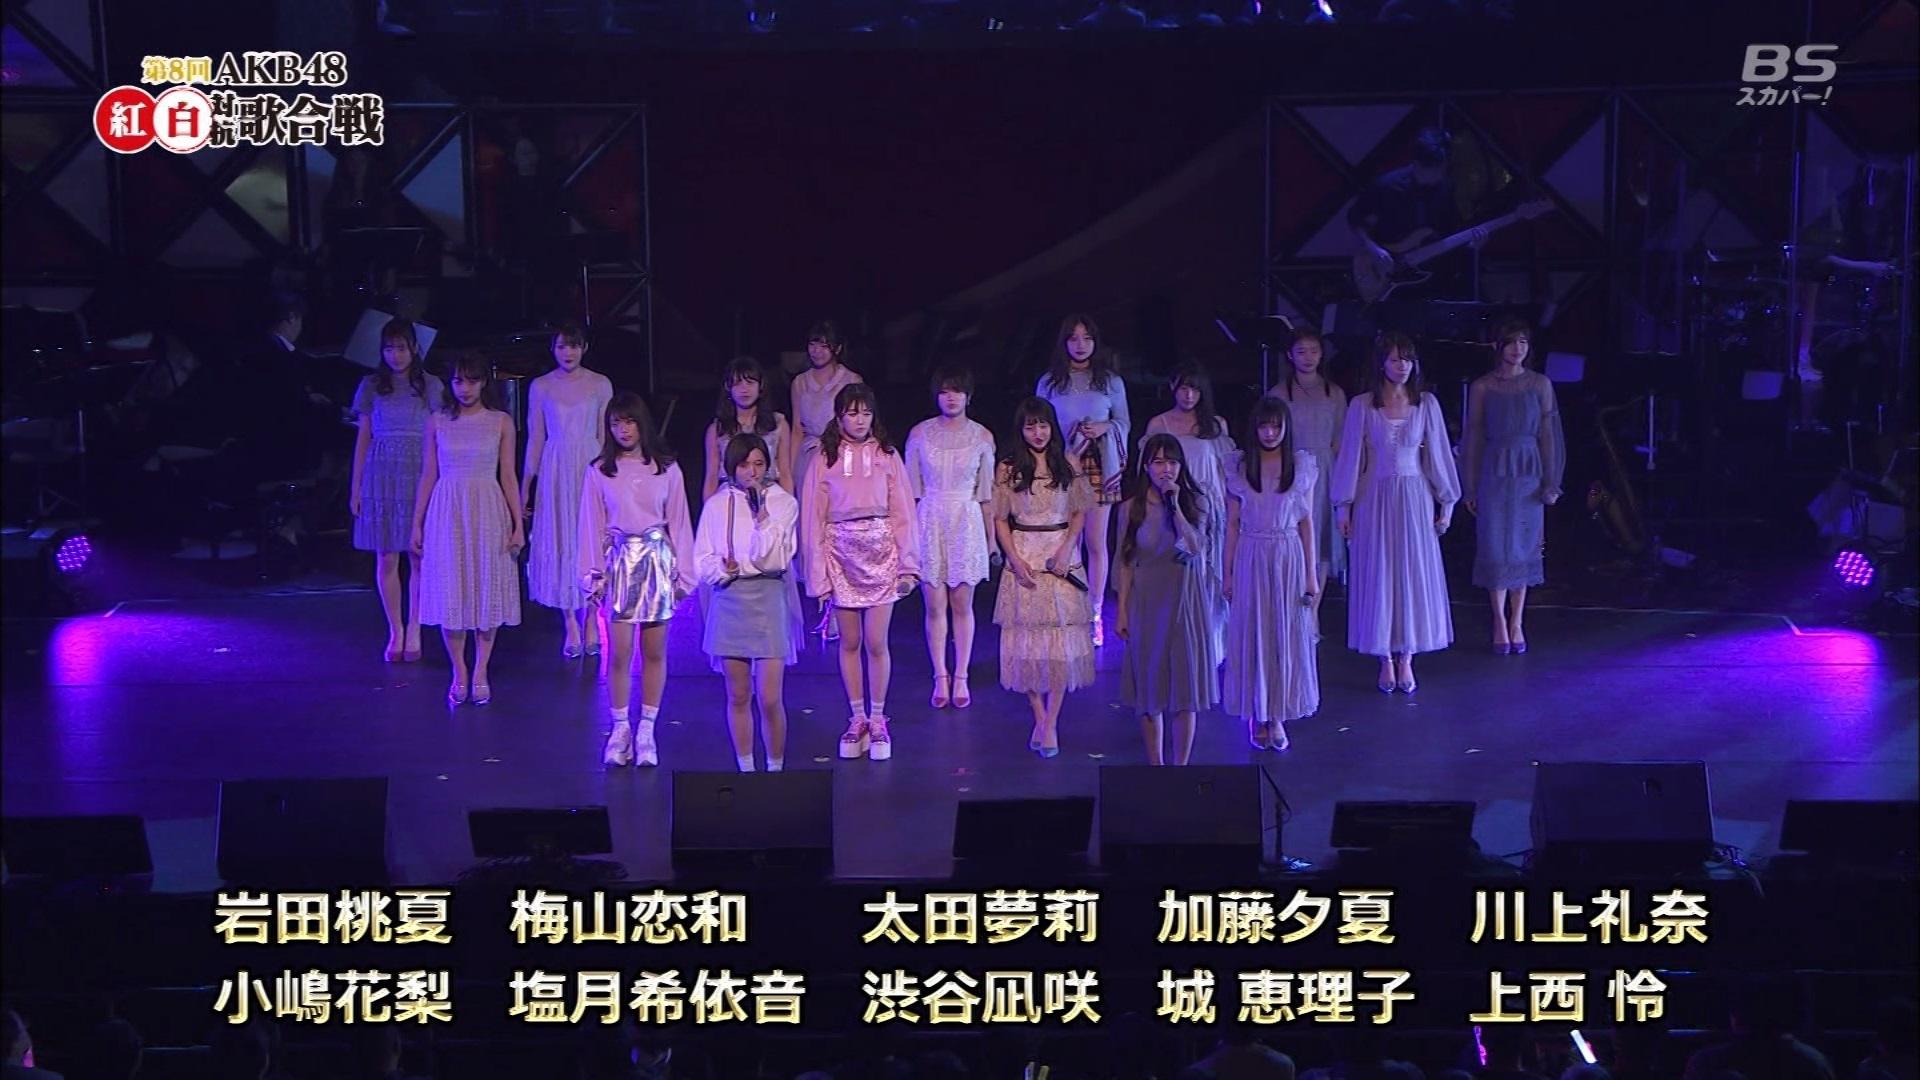 第8回AKB48紅白歌合戦の画像